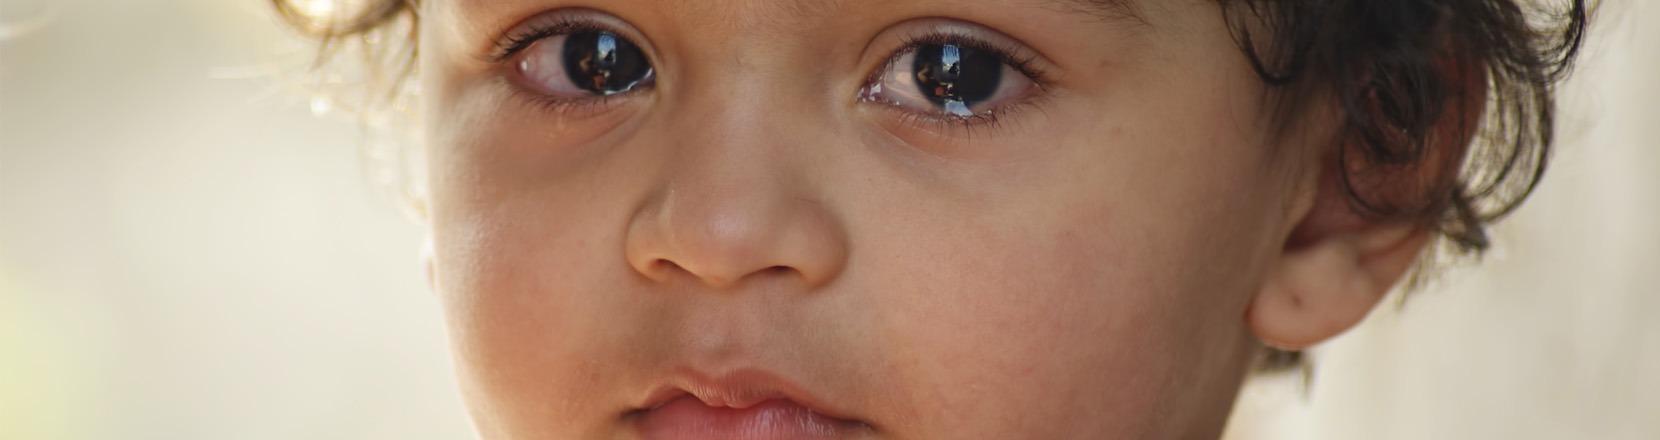 Come non gestire i capricci: Bambino molto triste con le lacrime agli occhi